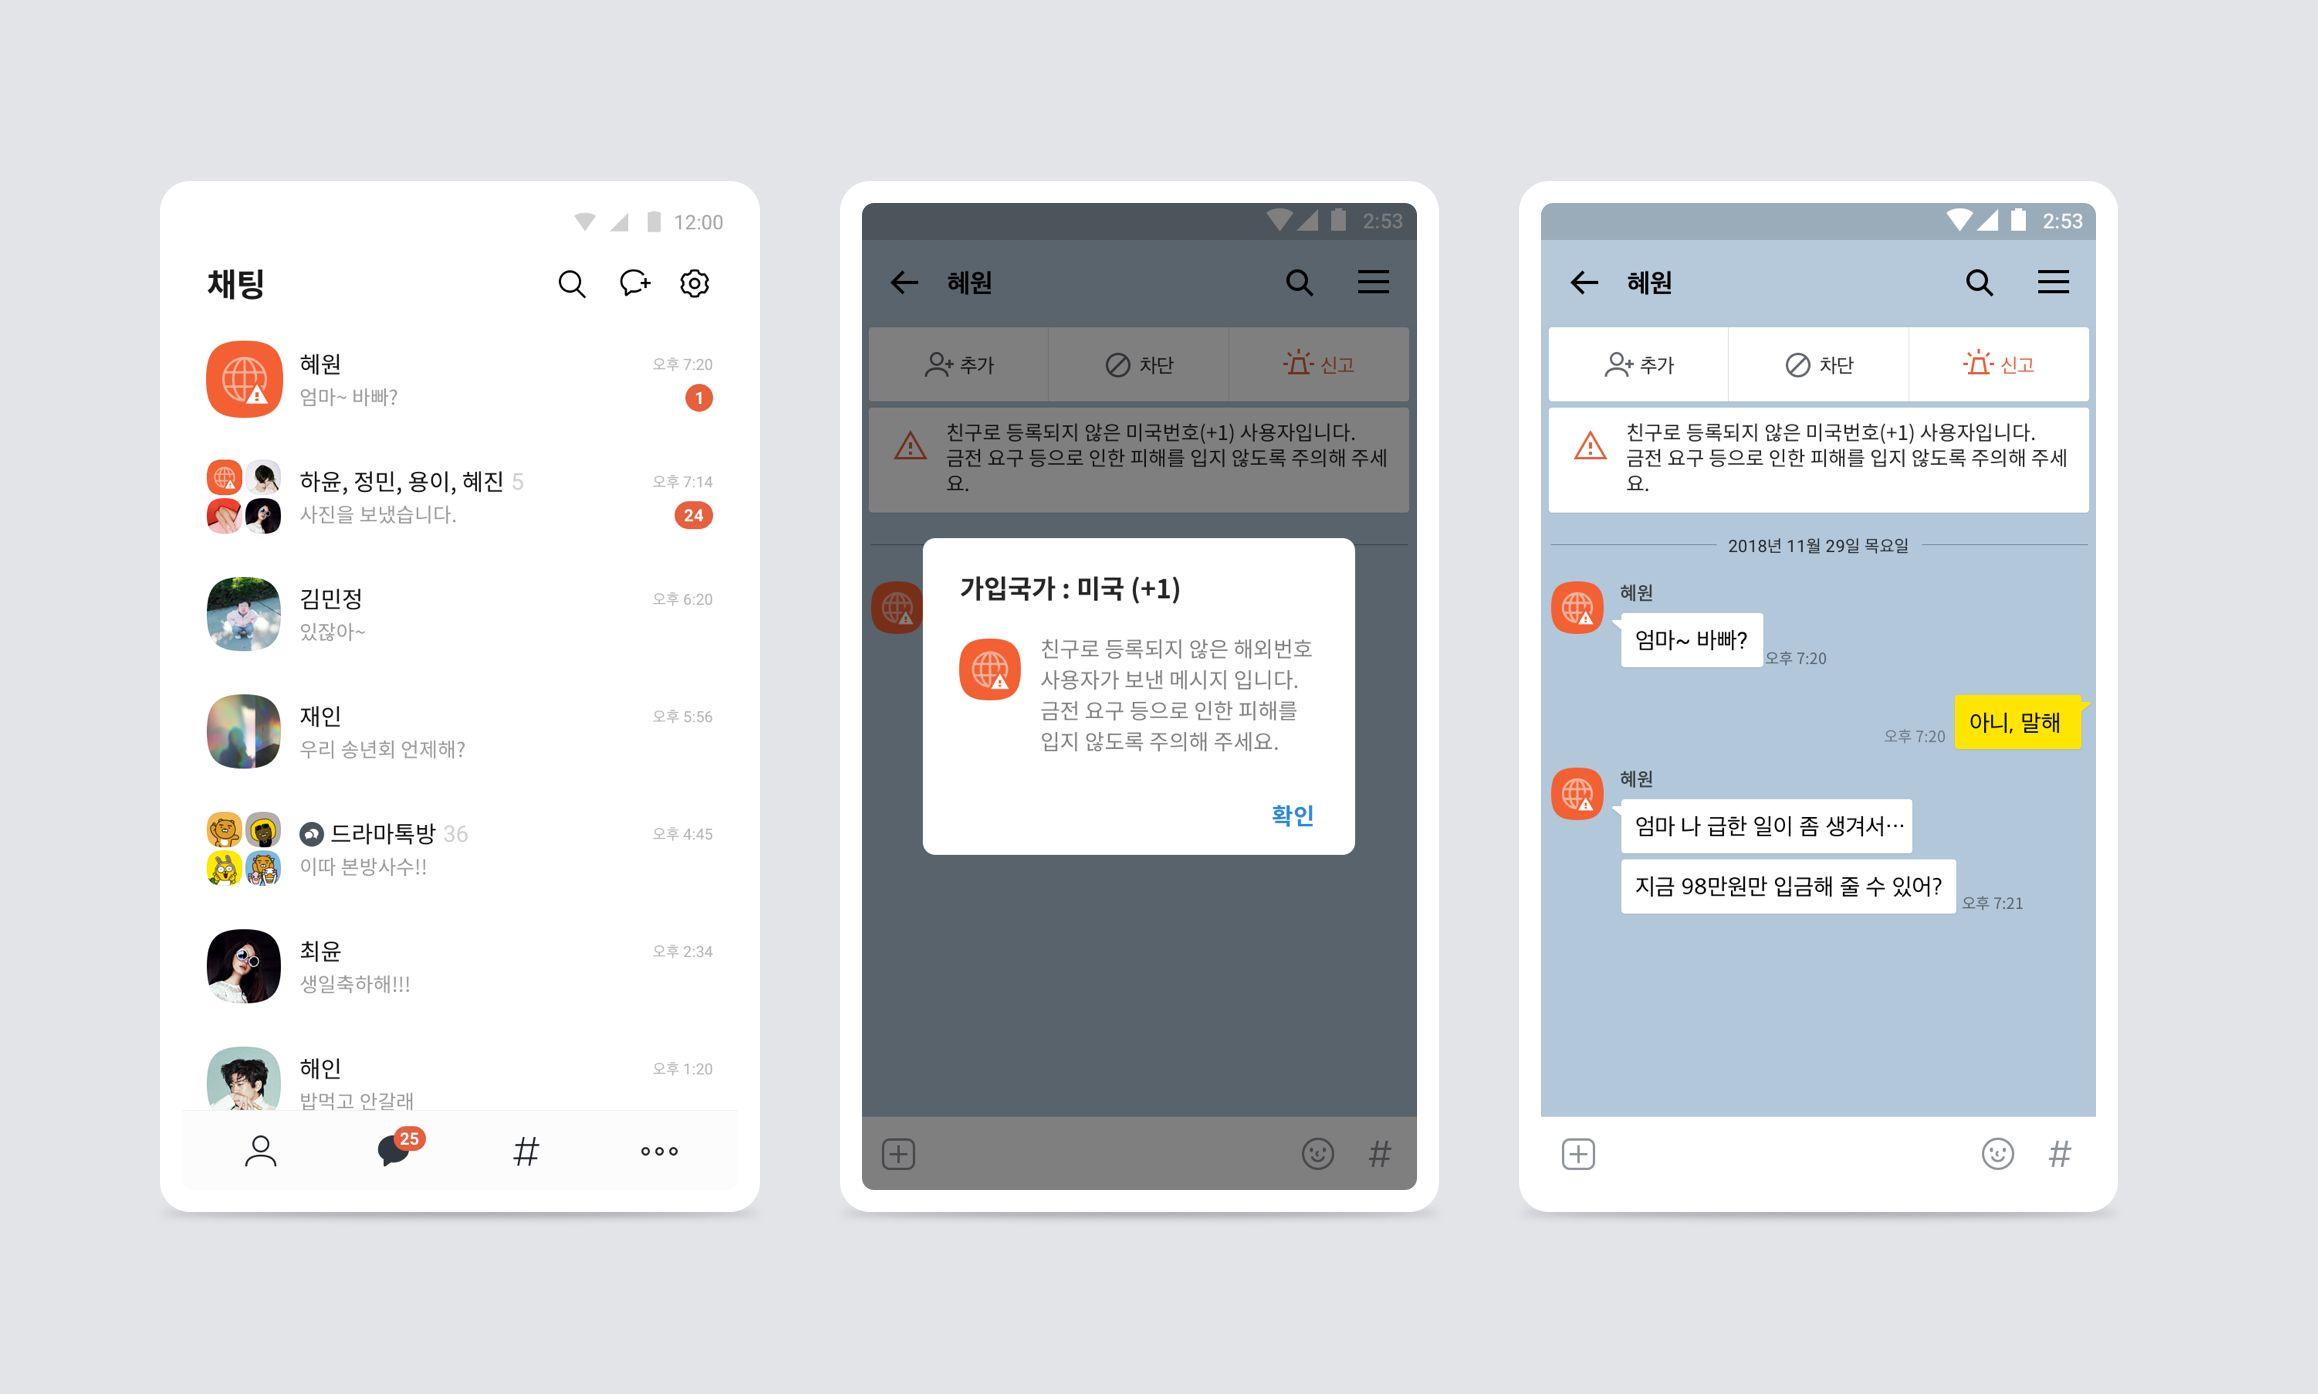 카카오톡이 메신저 피싱을 방지하는 새로운 기능을